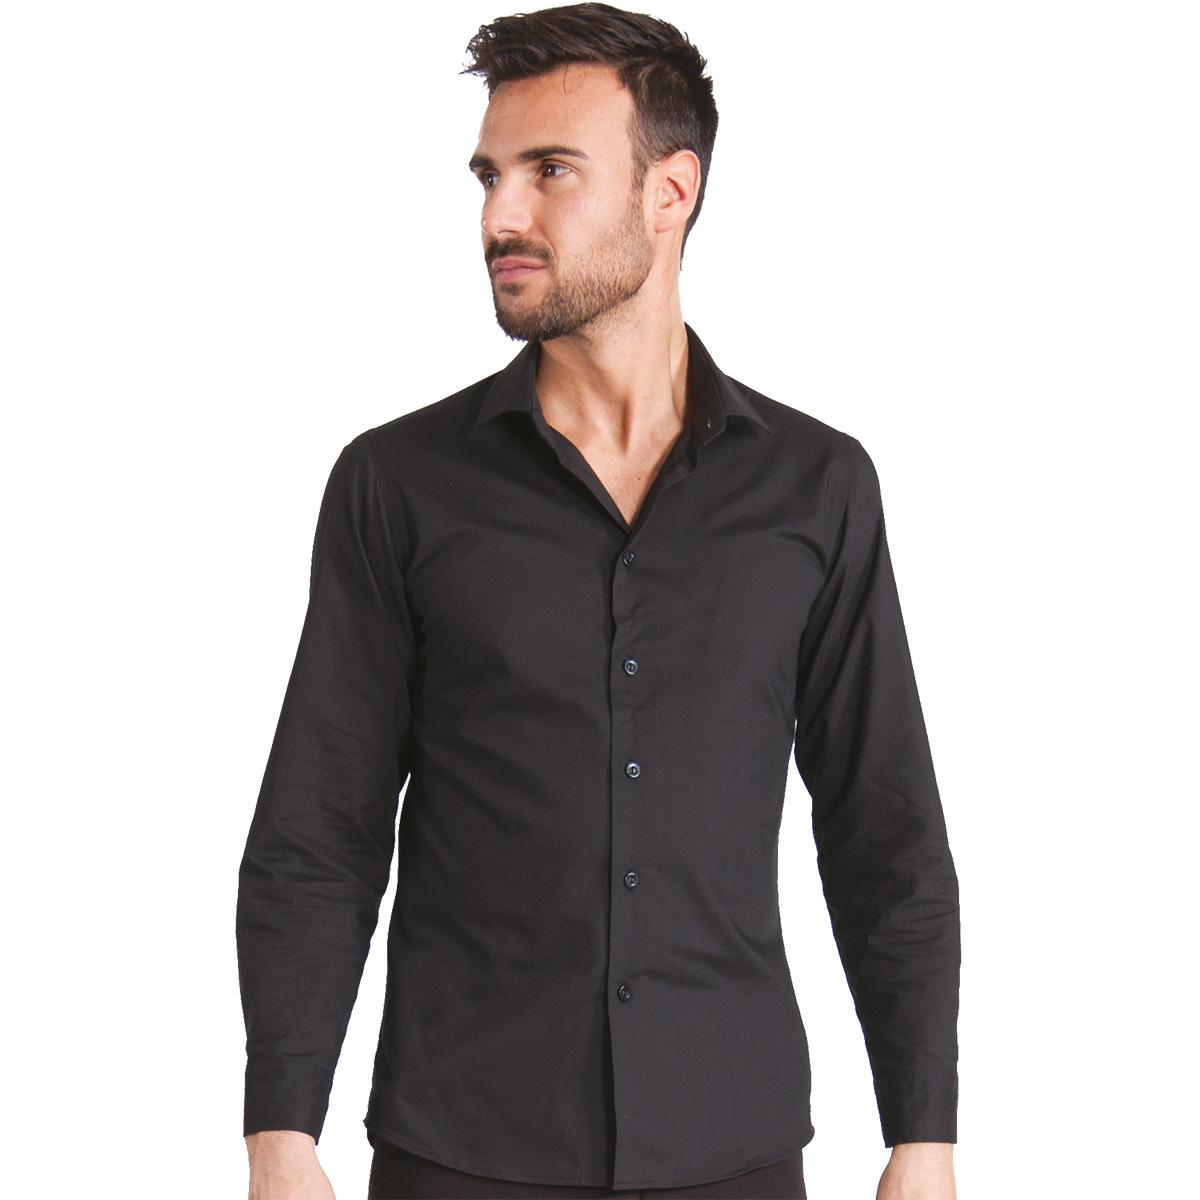 edward-camicia-elasticizzata-uomo